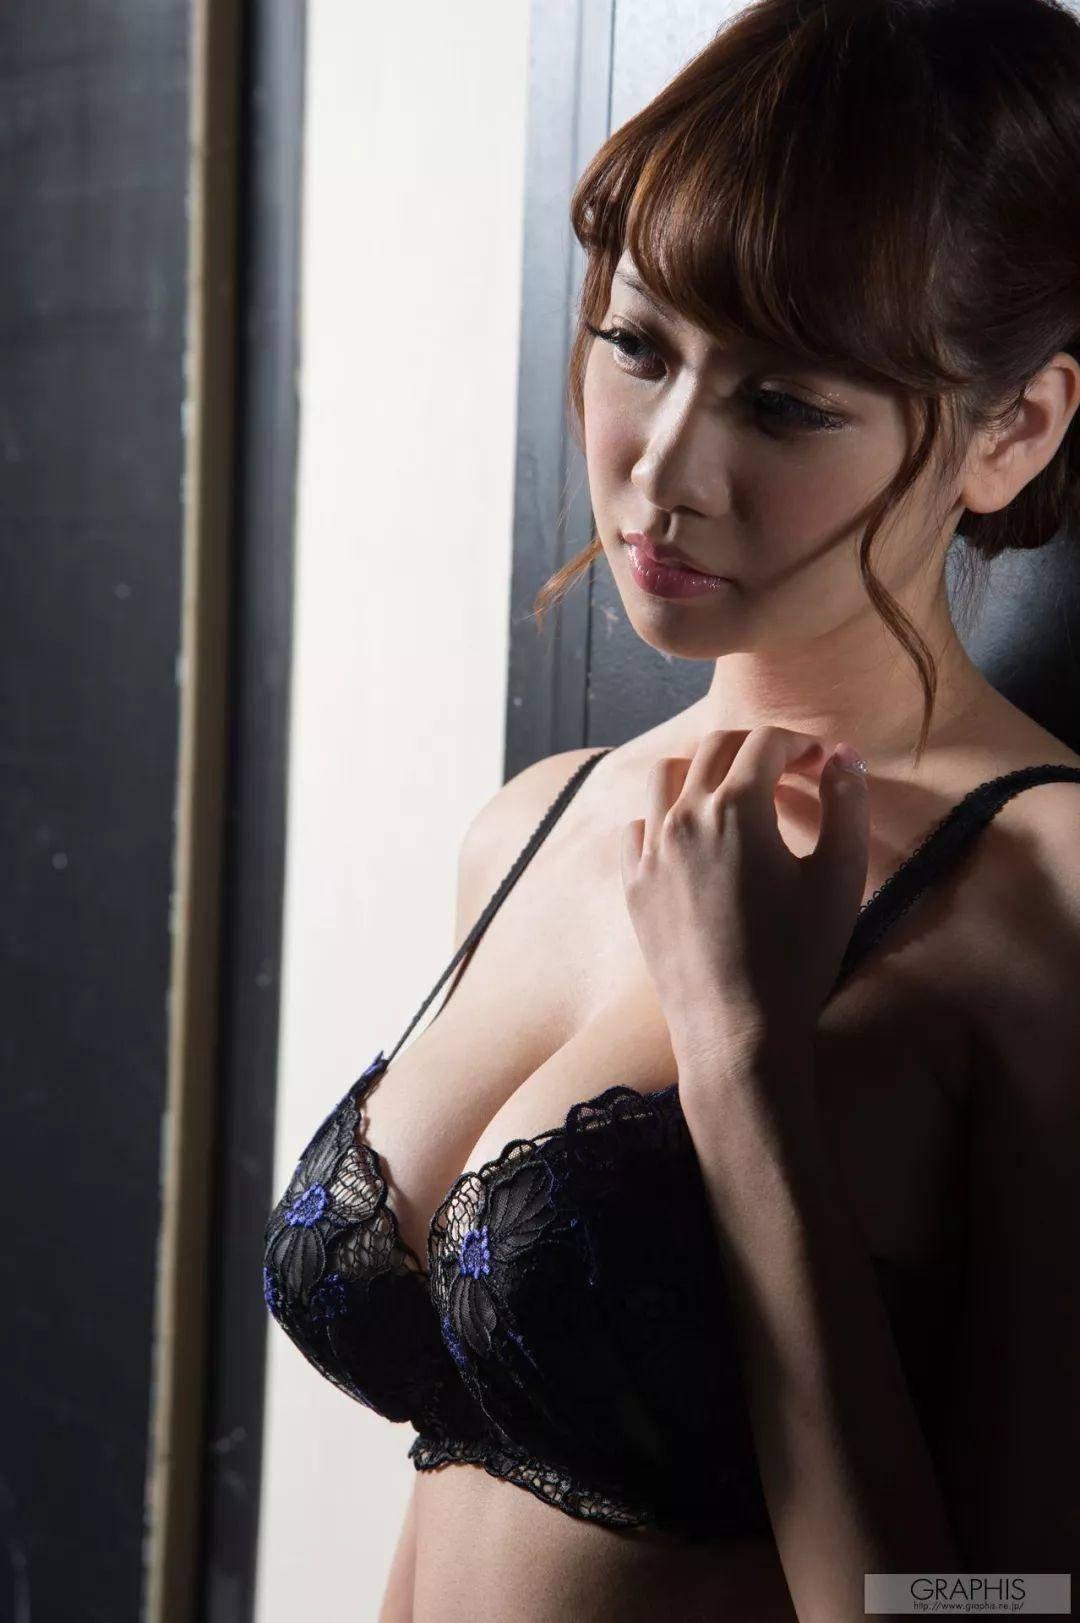 宇都宫紫苑(RION):微笑是我的保护色